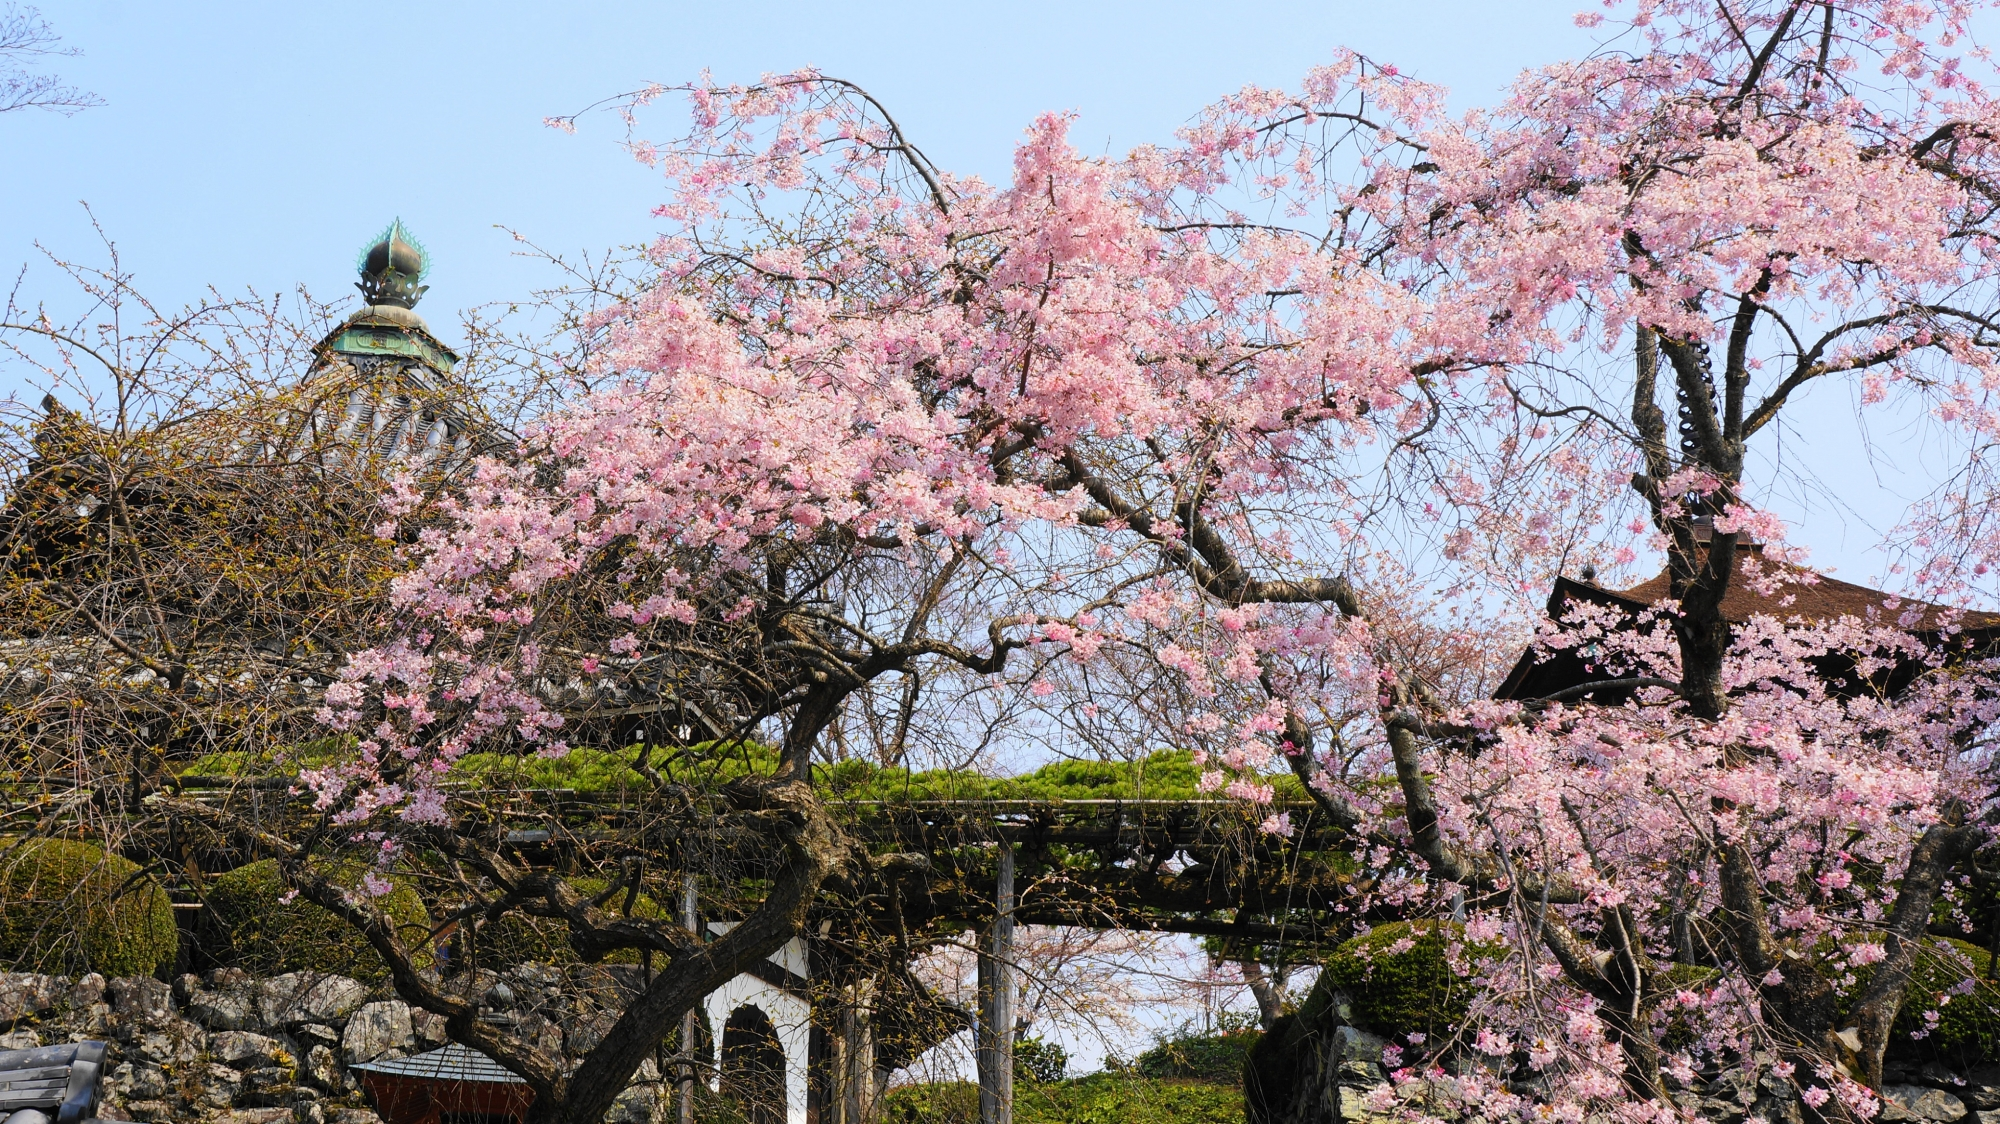 遊龍の松と華やかなしだれ桜